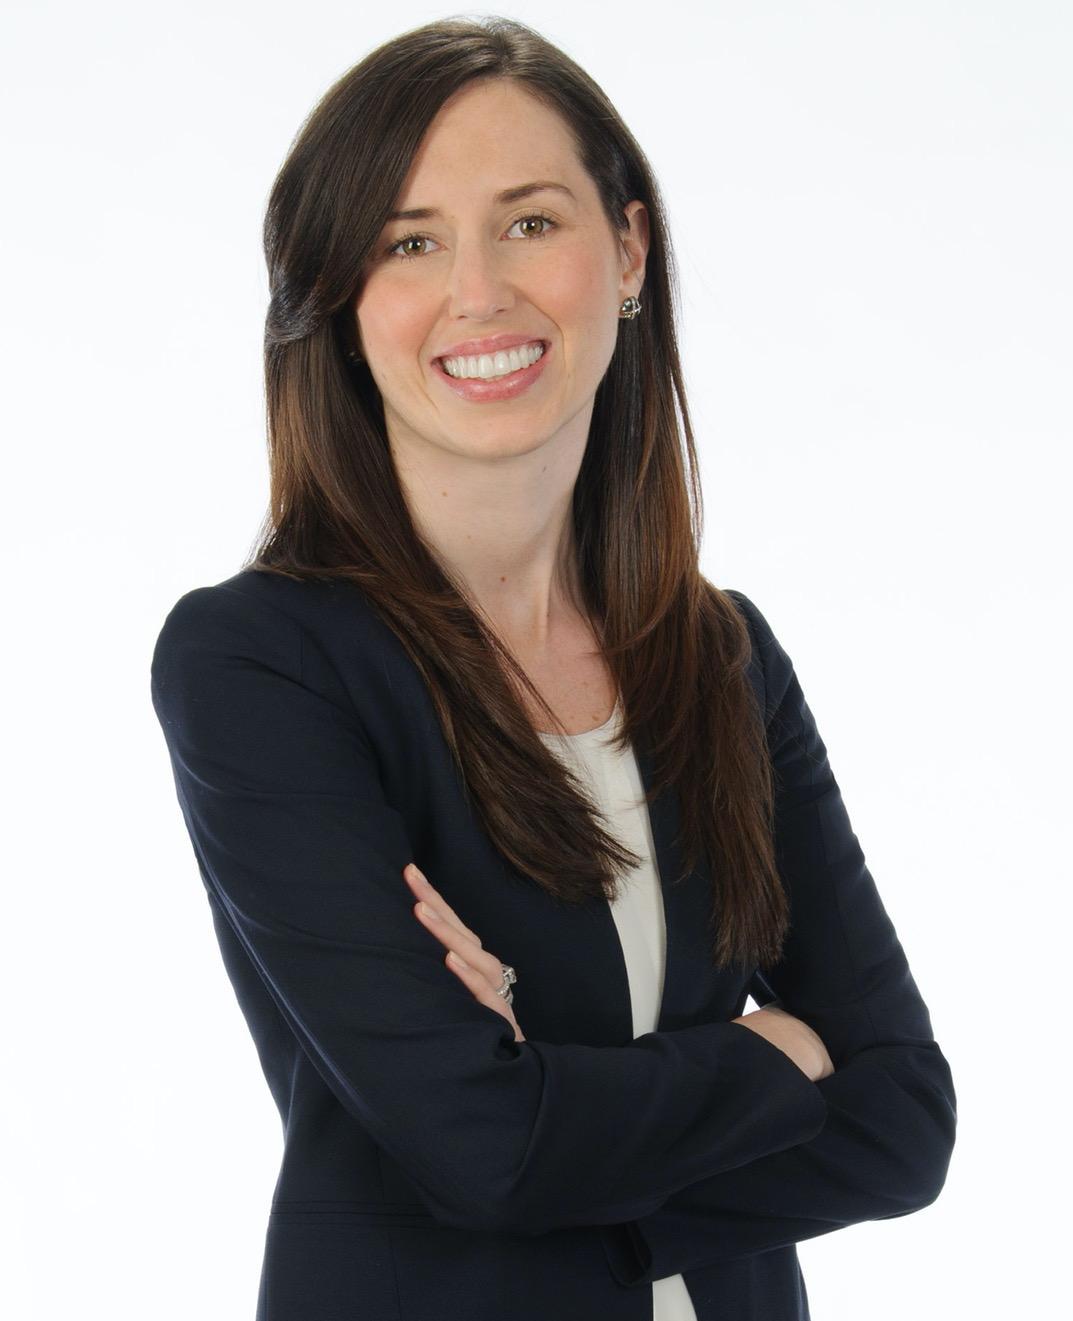 Emily Giovinazzo